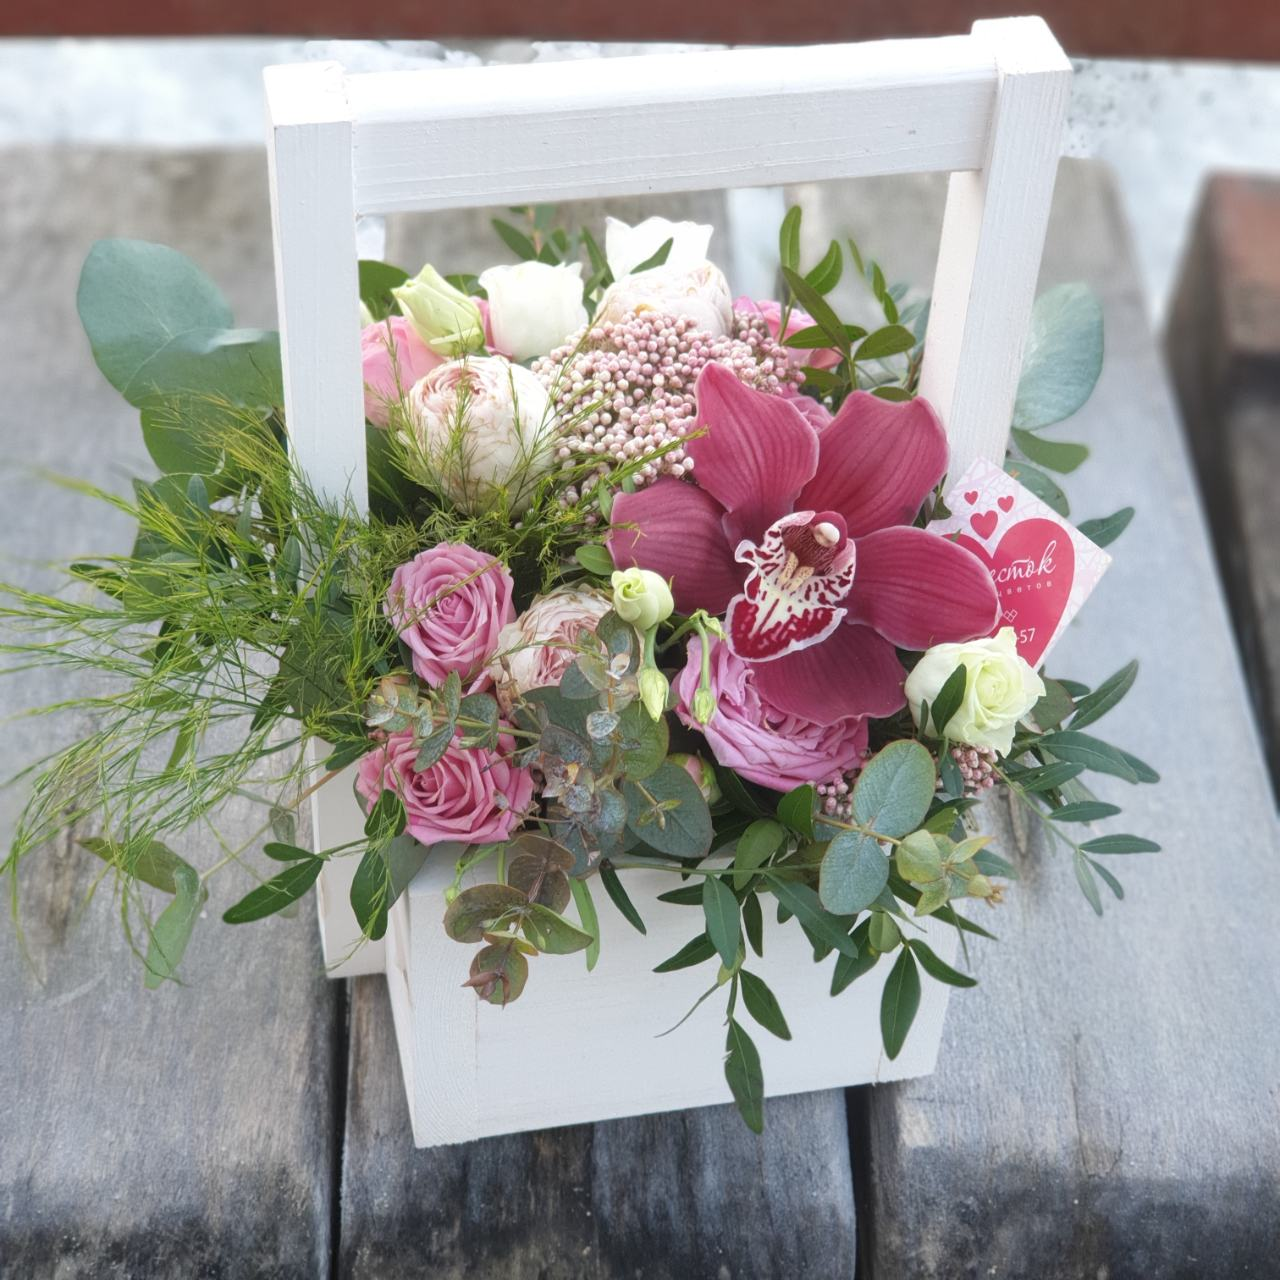 Деревянный ящик с пионовидной розой, орхидеей